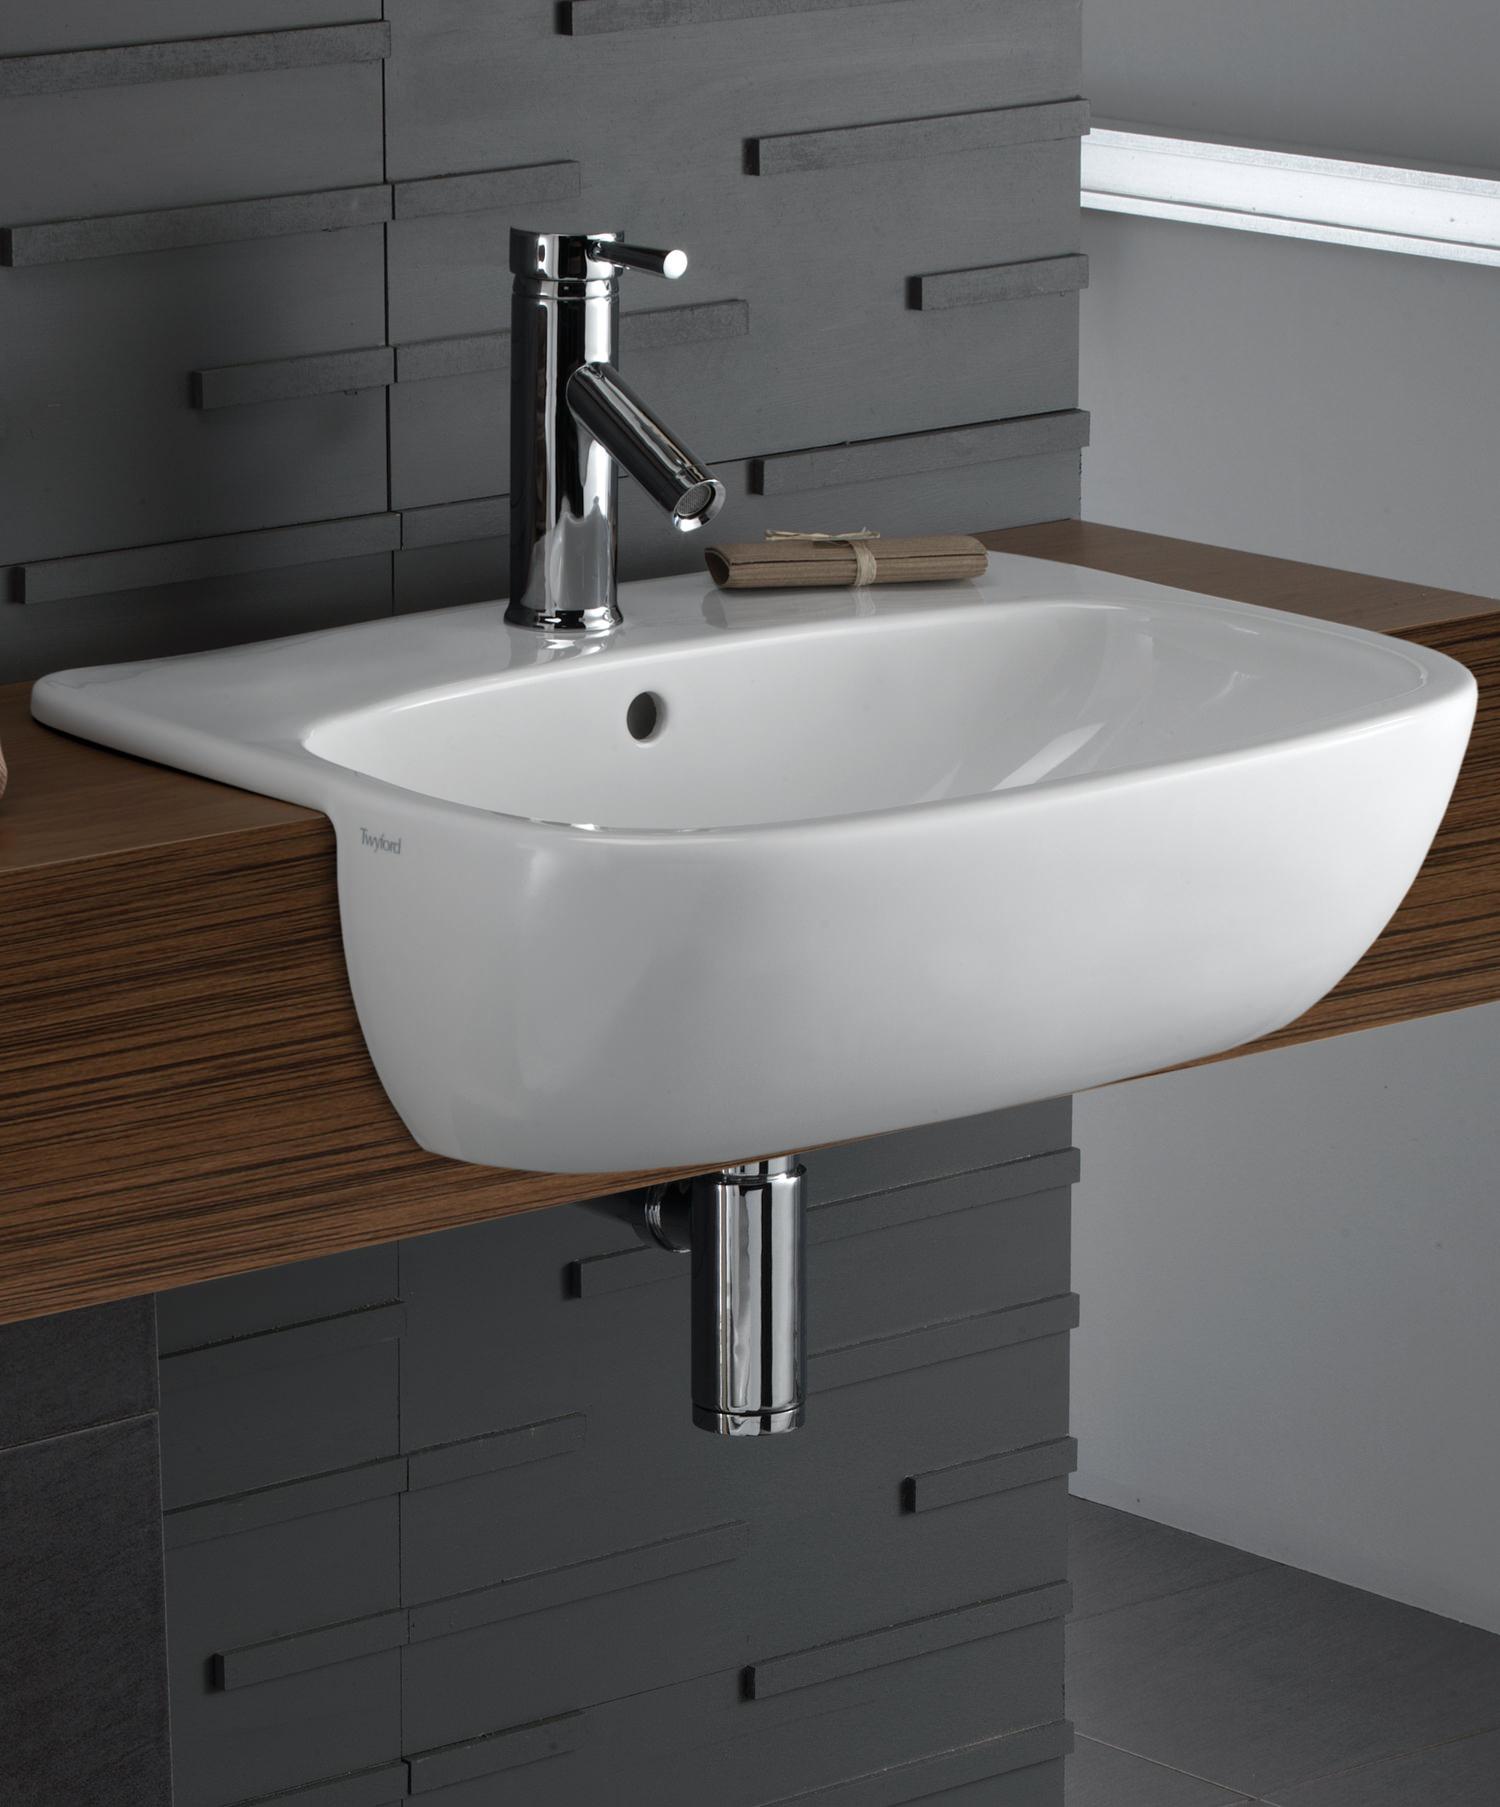 Twyford Moda 550mm Semi Recessed Basin